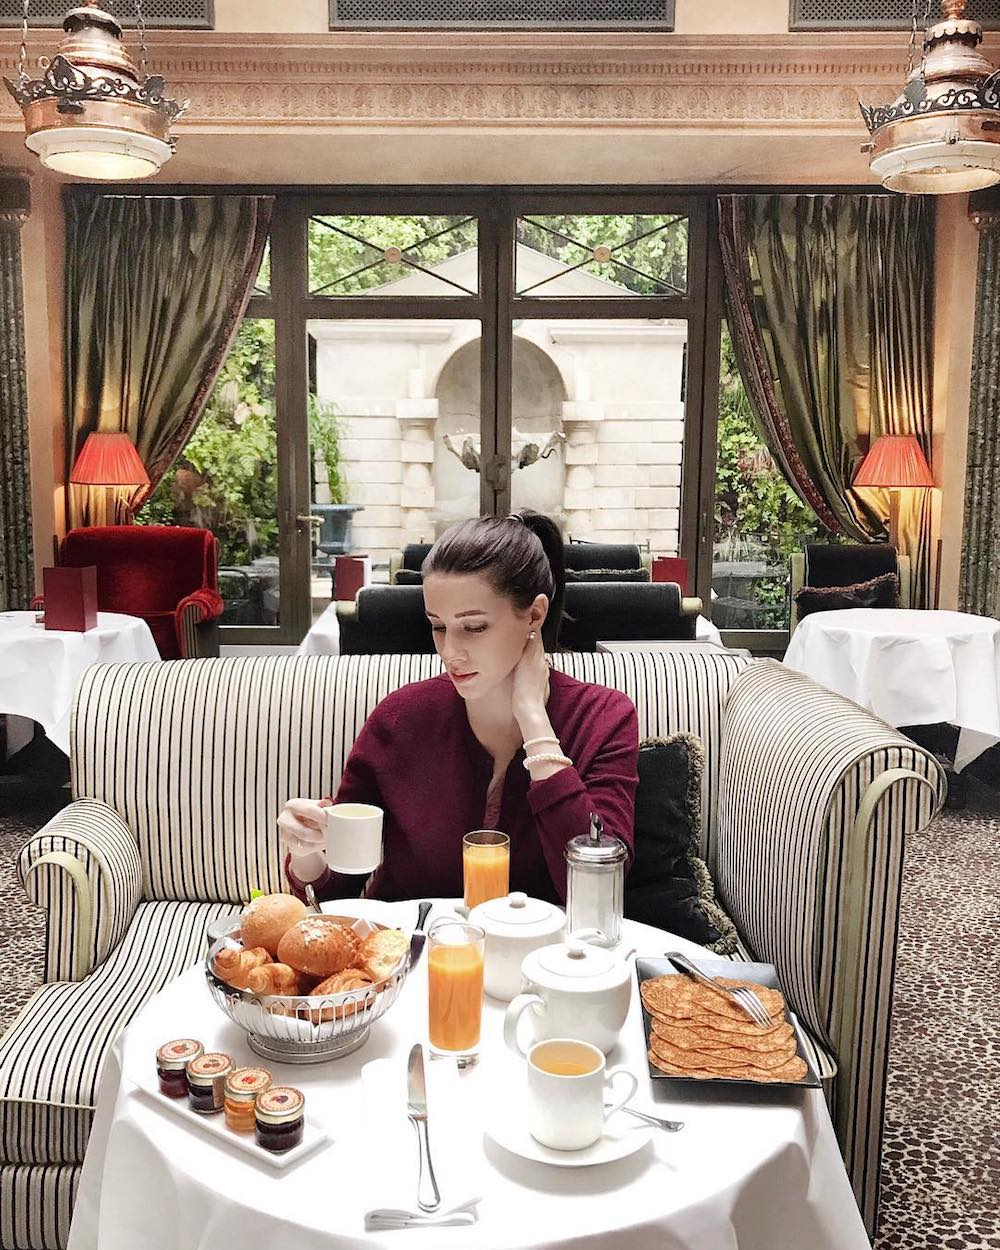 l'hôtel paris rue des beaux arts restaurant petit déjeuner buffet